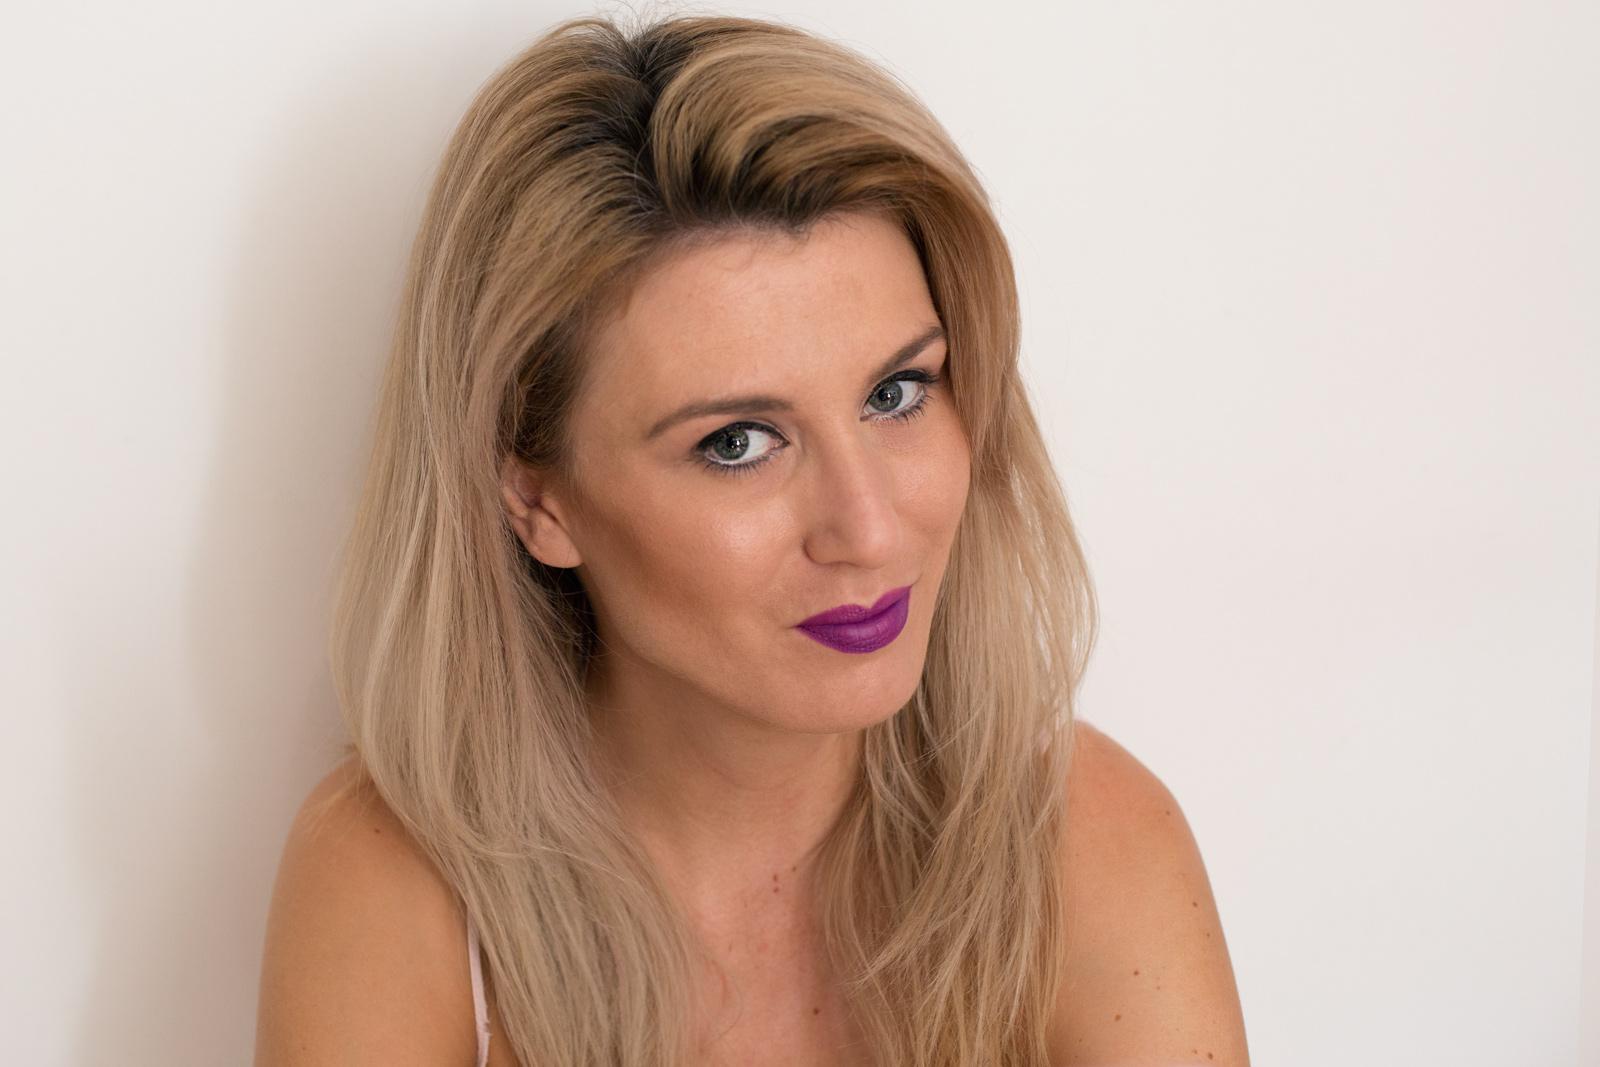 Foto_by_Nadja_Nemetz_Wien_MAC_Cosmetics_Heroine_Lippenstift_Beauty_Beatyblogger_Blogger_5